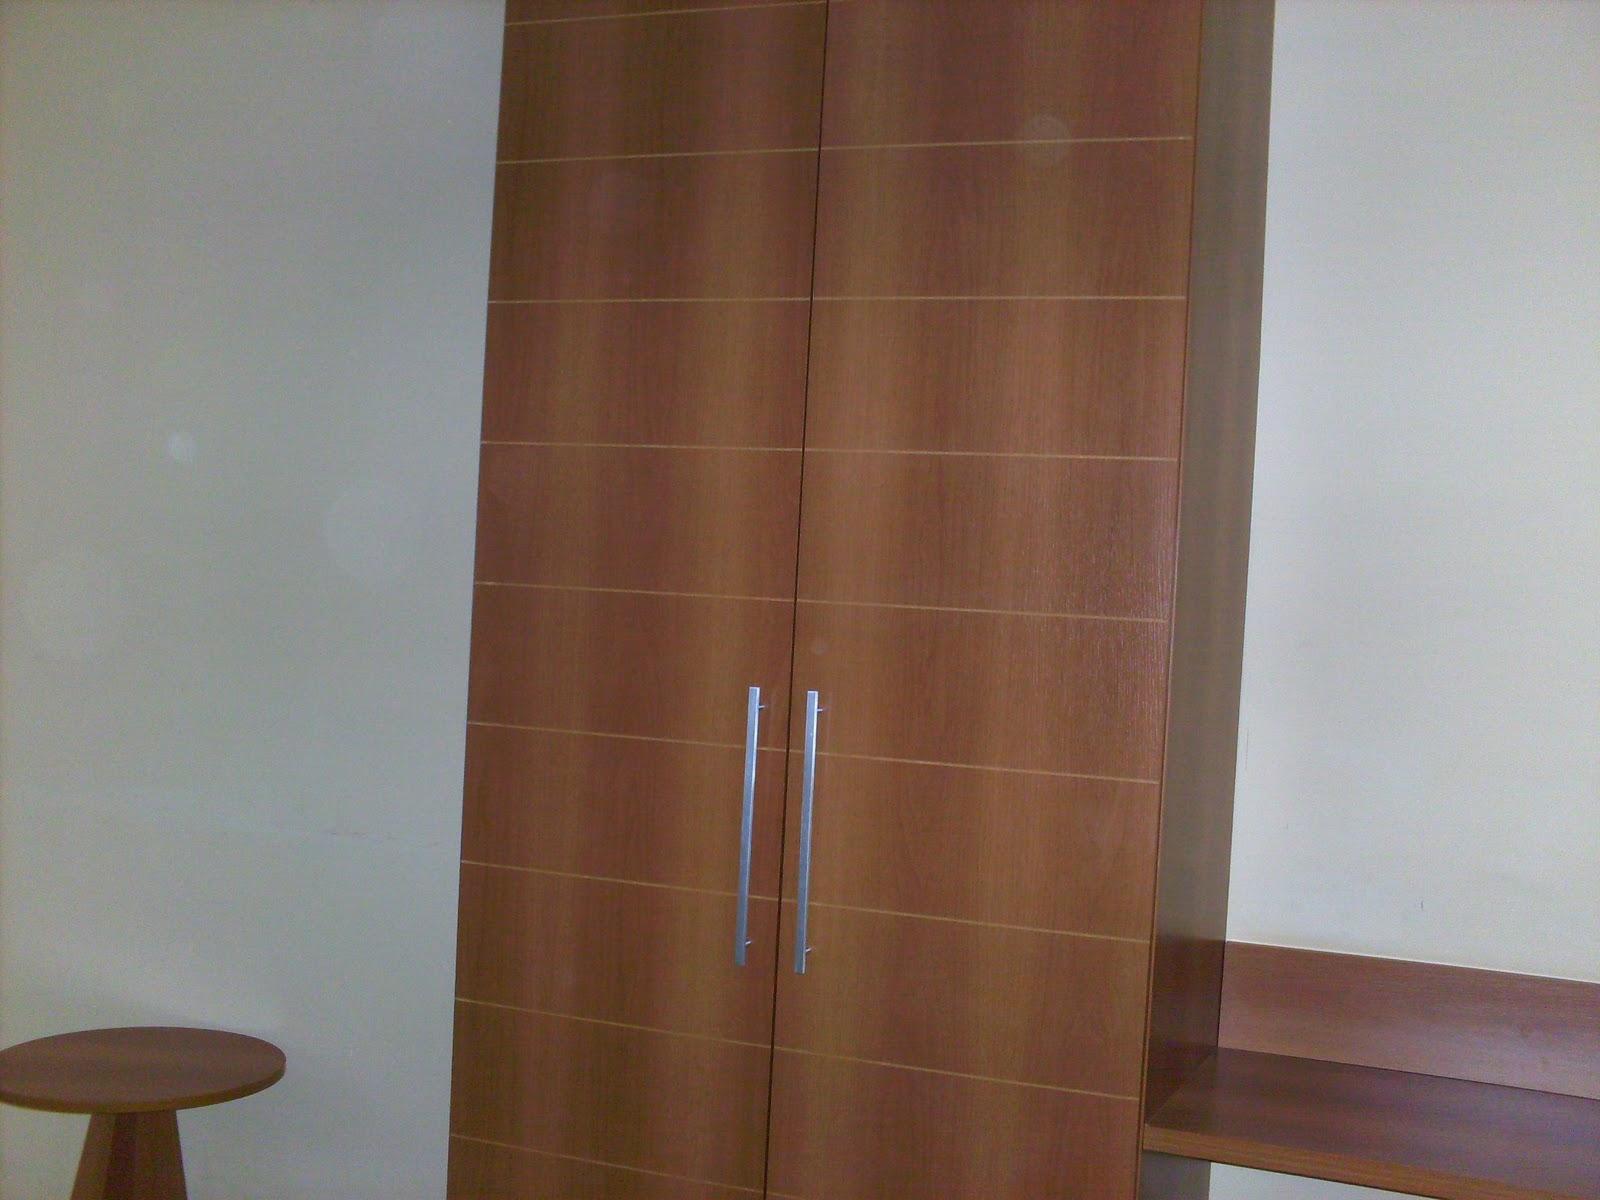 cama de casal banheiro com hidro massagem ante sala com sofá e tv #4E3420 1600x1200 Banheiro Casal Com Hidro